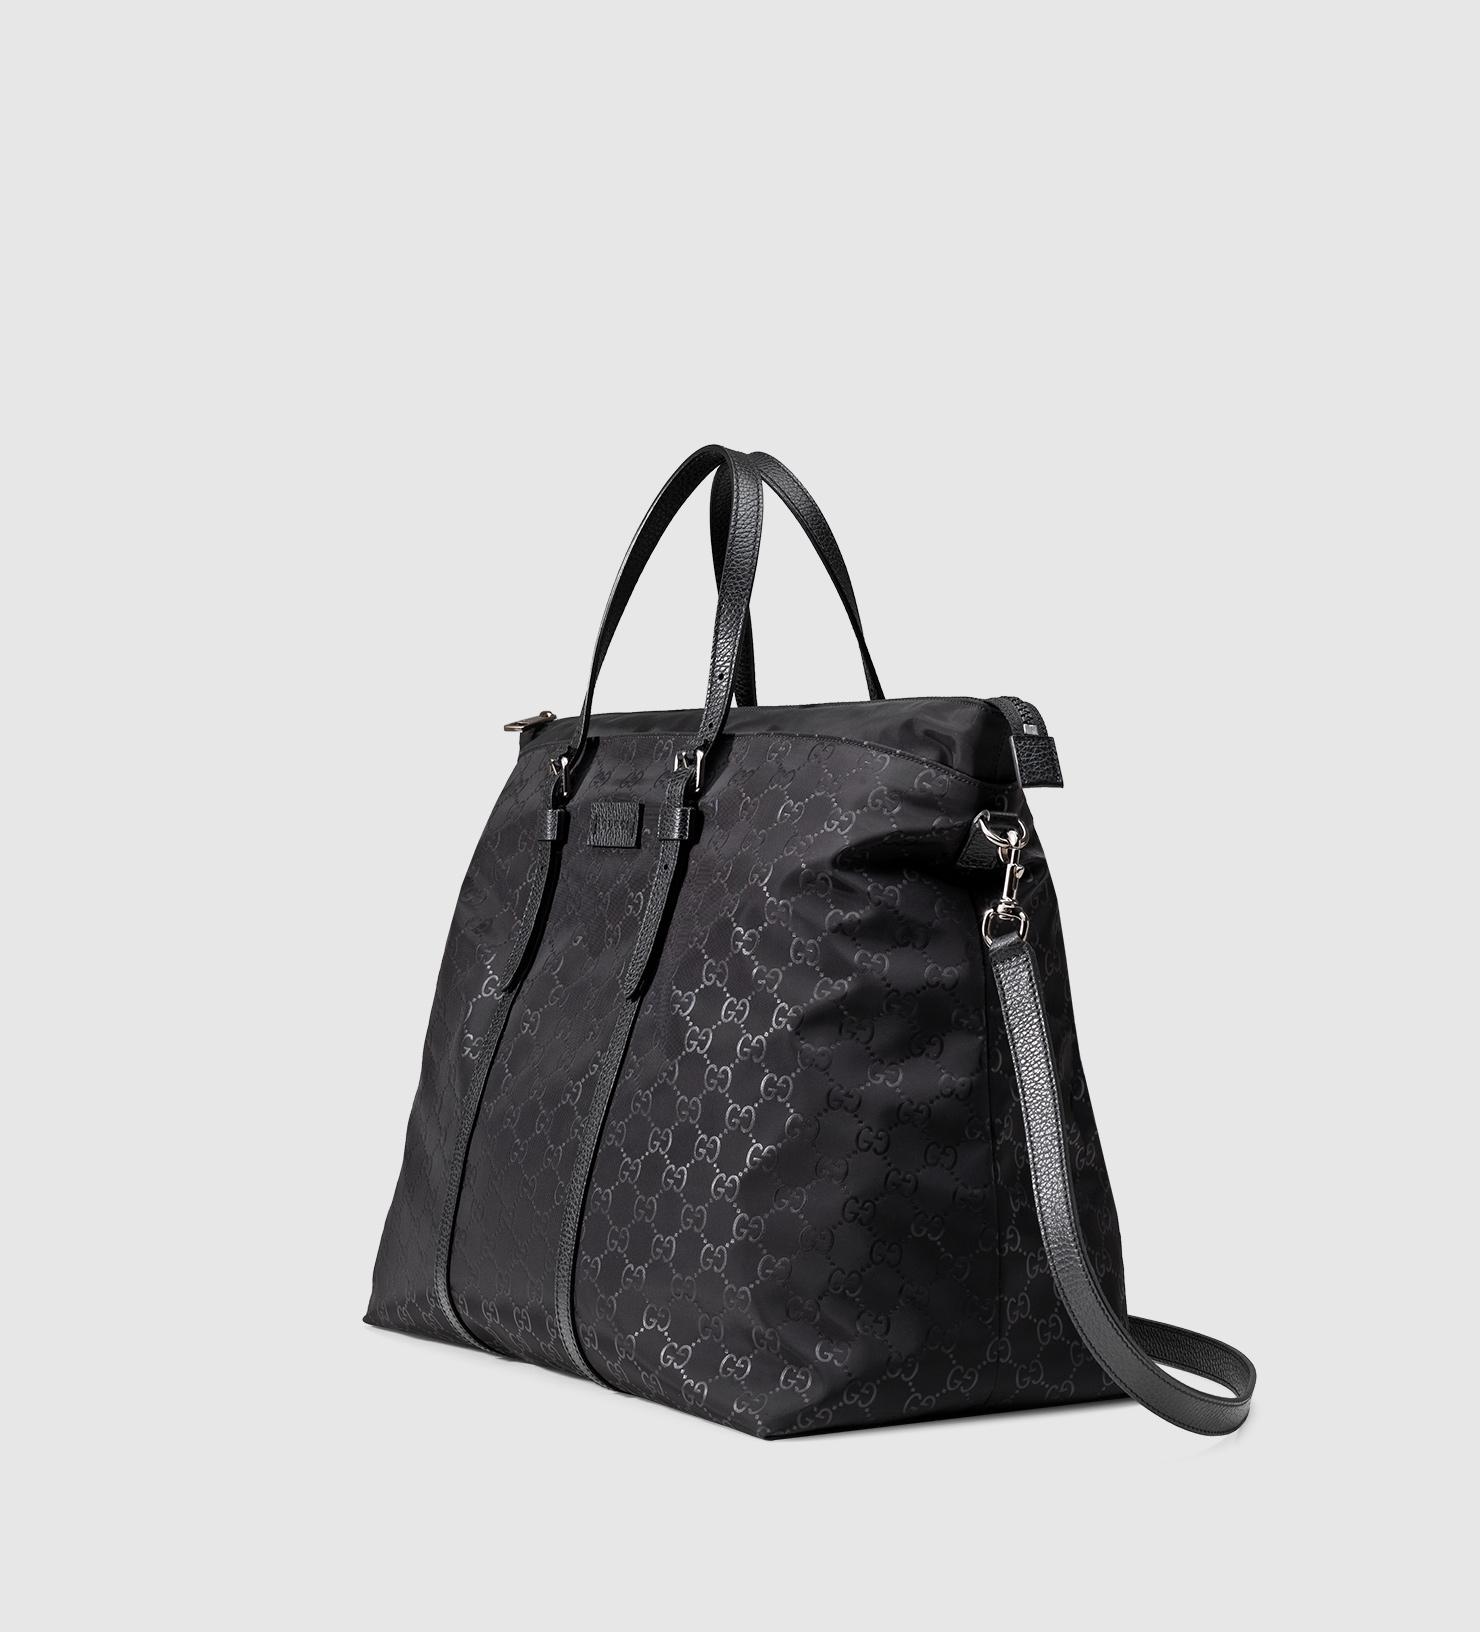 25a1ad72e0b Gucci Nylon Ssima Light Duffle Bag in Black - Lyst